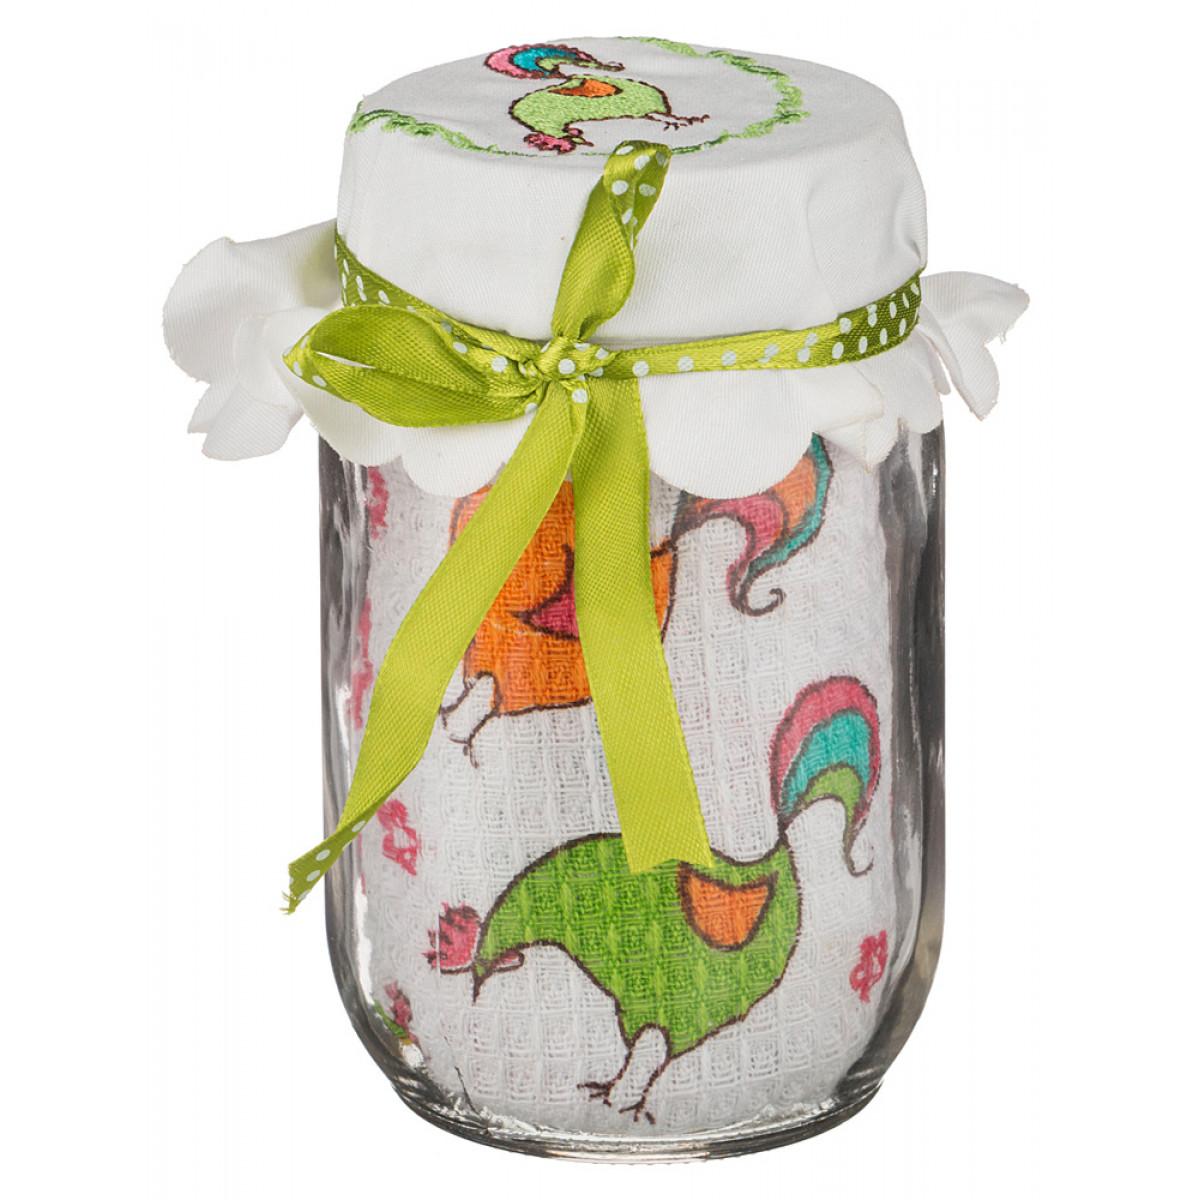 Рукавицы, прихватки, фартуки Santalino Кухонный набор Kerensa рукавицы прихватки фартуки karna кухонный набор jools цвет абрикосовый